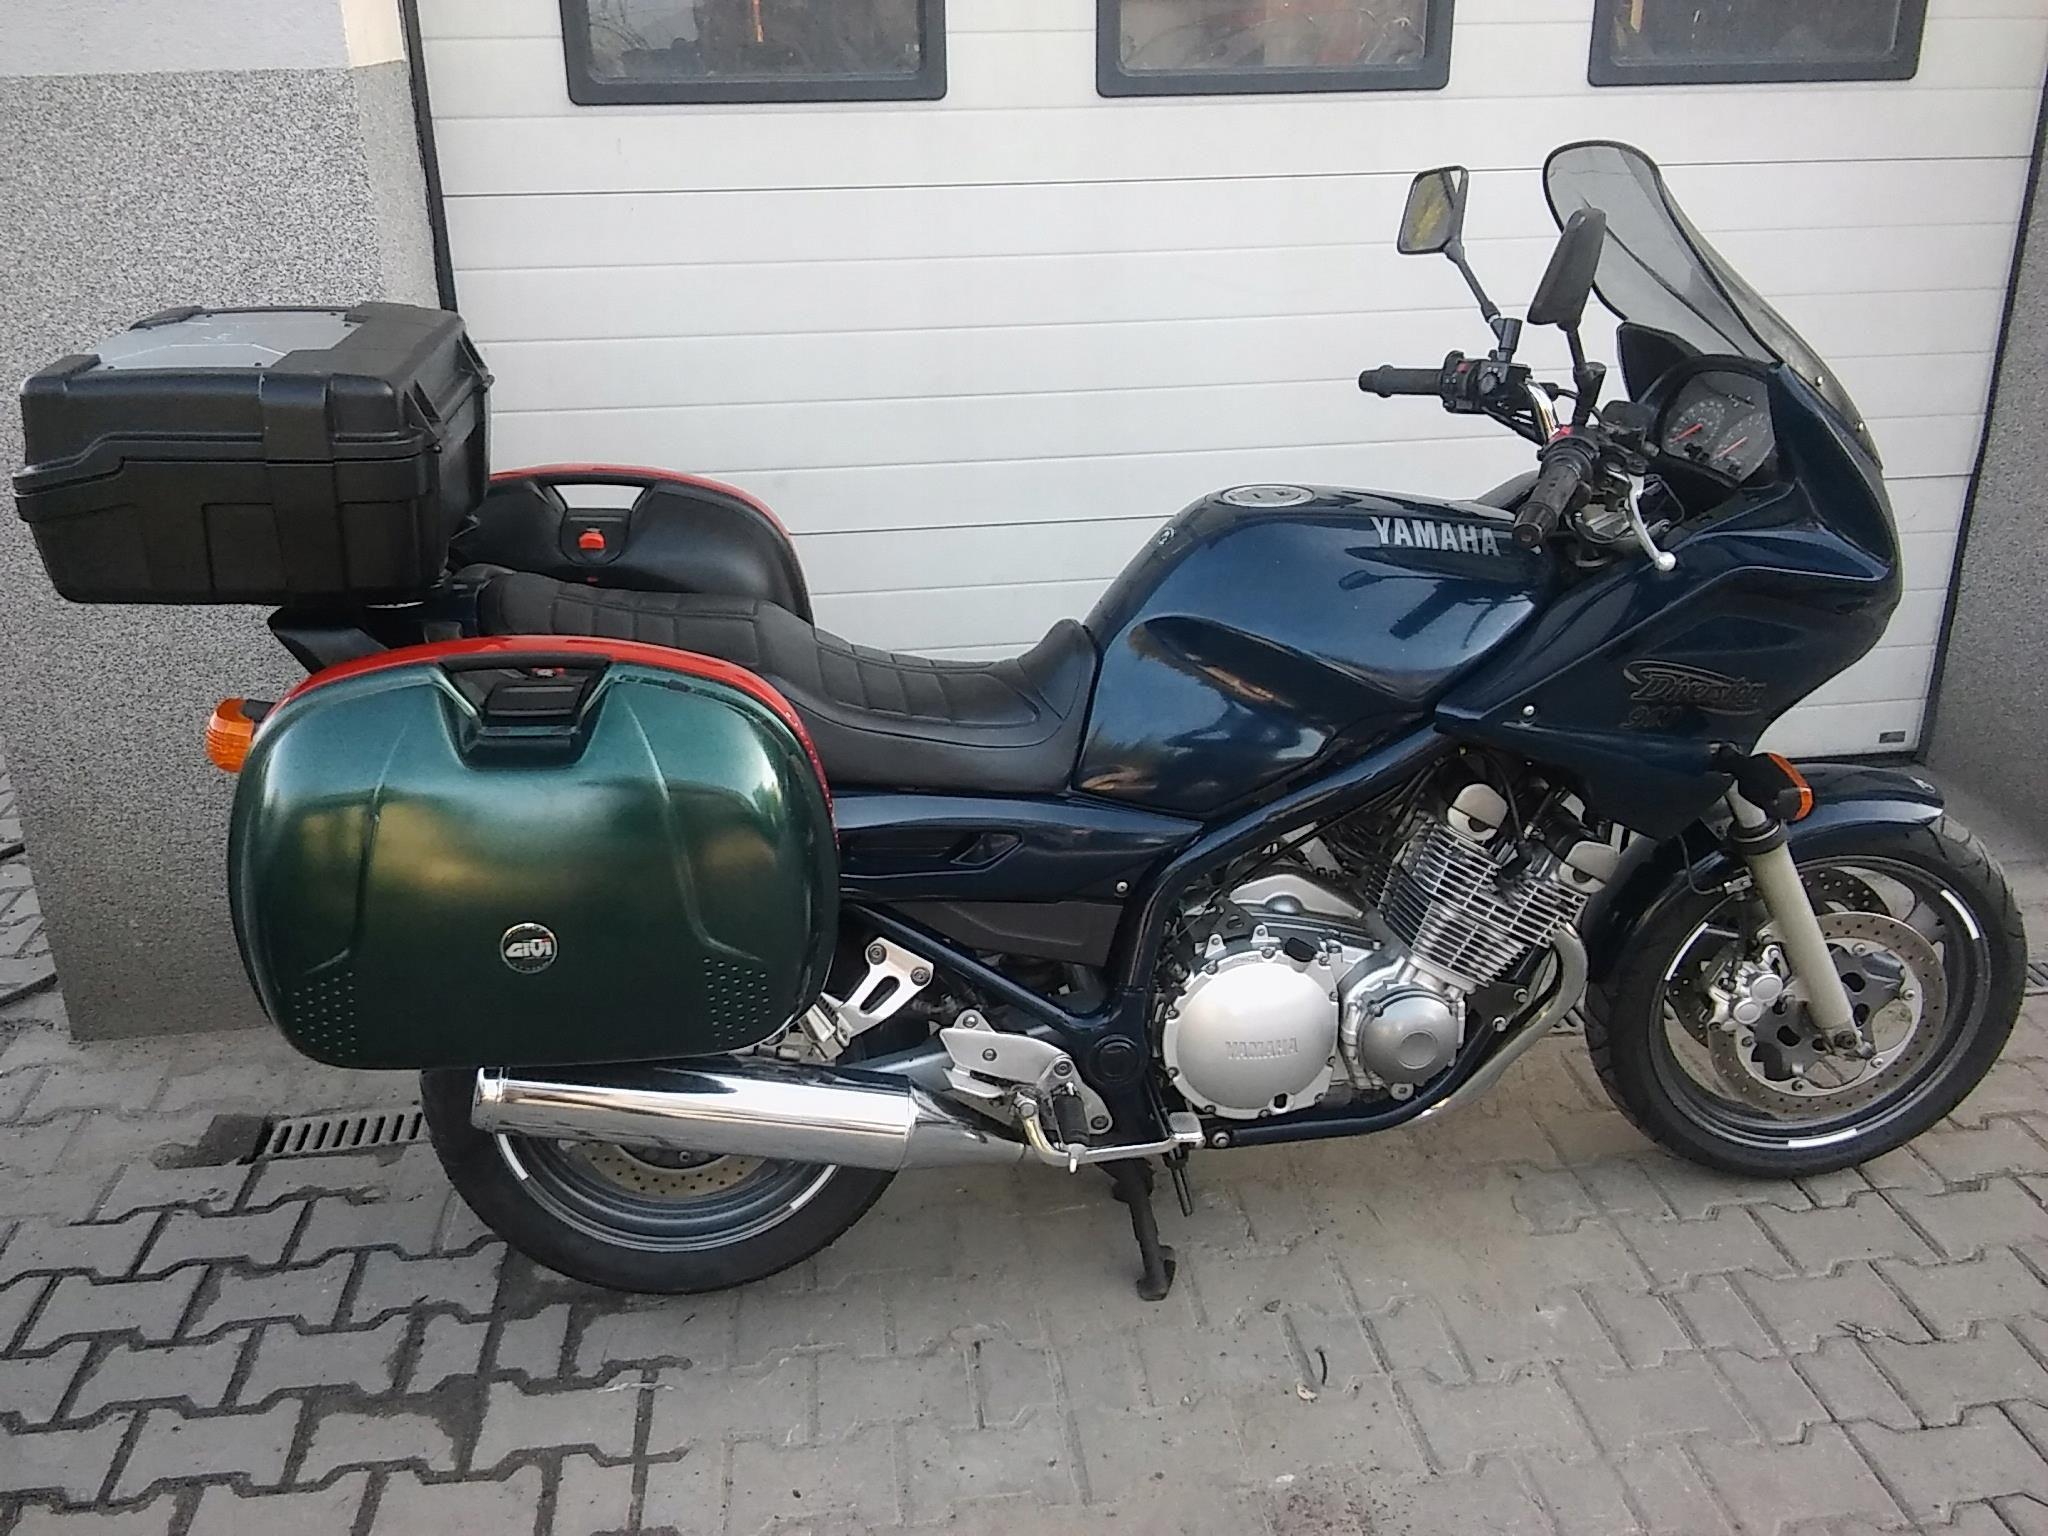 Yamaha Diversion 900 Xj900 Opinie I Ceny Na Ceneo Pl